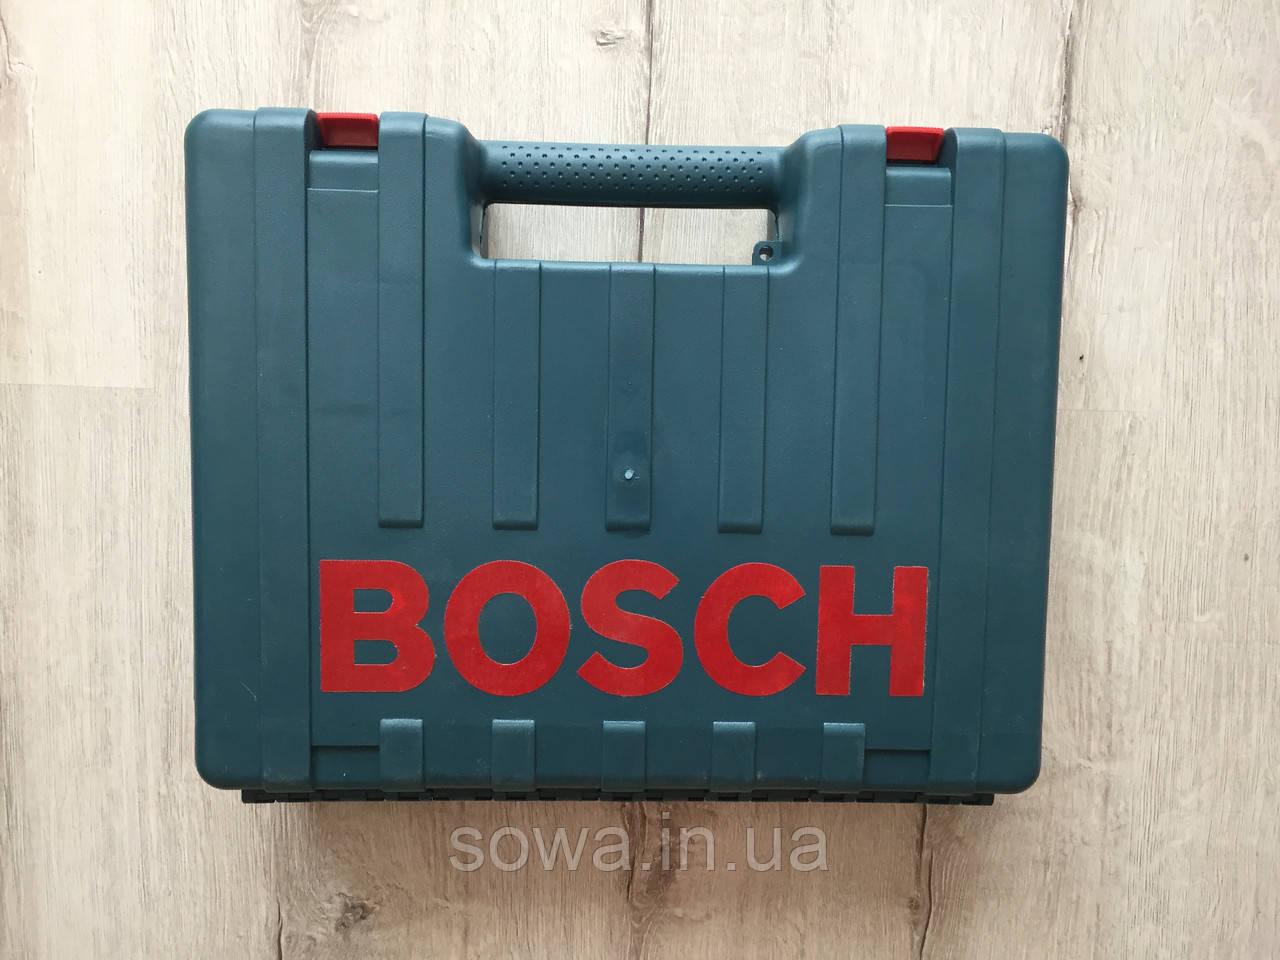 Перфоратор Bosch_ Бош GBH 2-26 DRE ( 800 Вт, 2.8 Дж, SDS-Plus ) + ПОДАРОК - фото 10